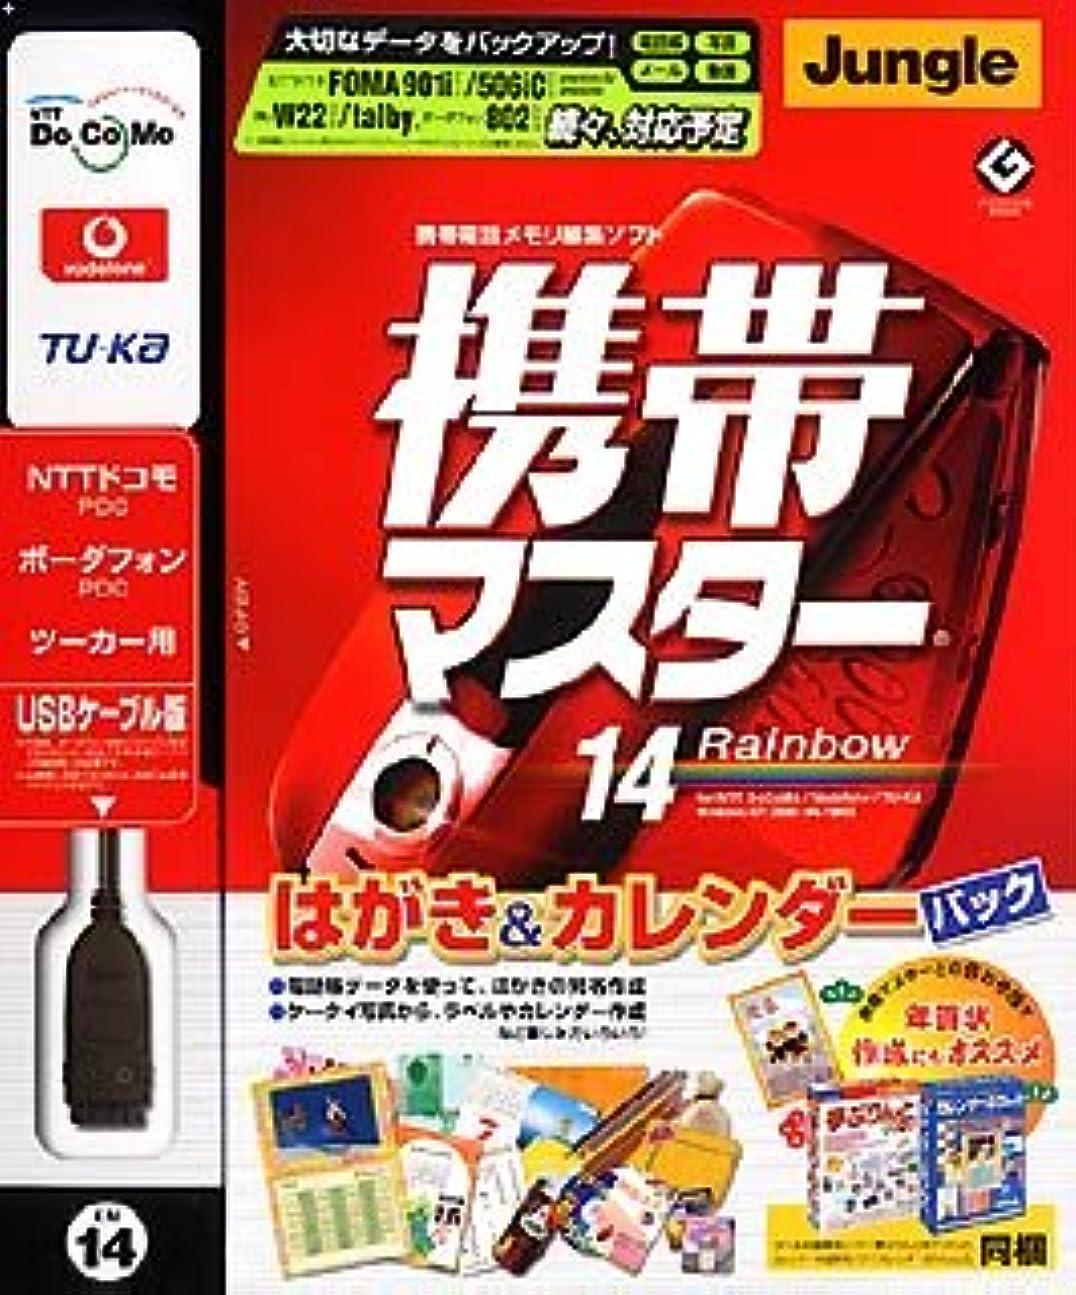 マーキング不振飢饉携帯マスター 14 Rainbow KM14 NTTドコモ?ボーダフォン?ツーカー用 USBケーブル版 はがき&カレンダーパック